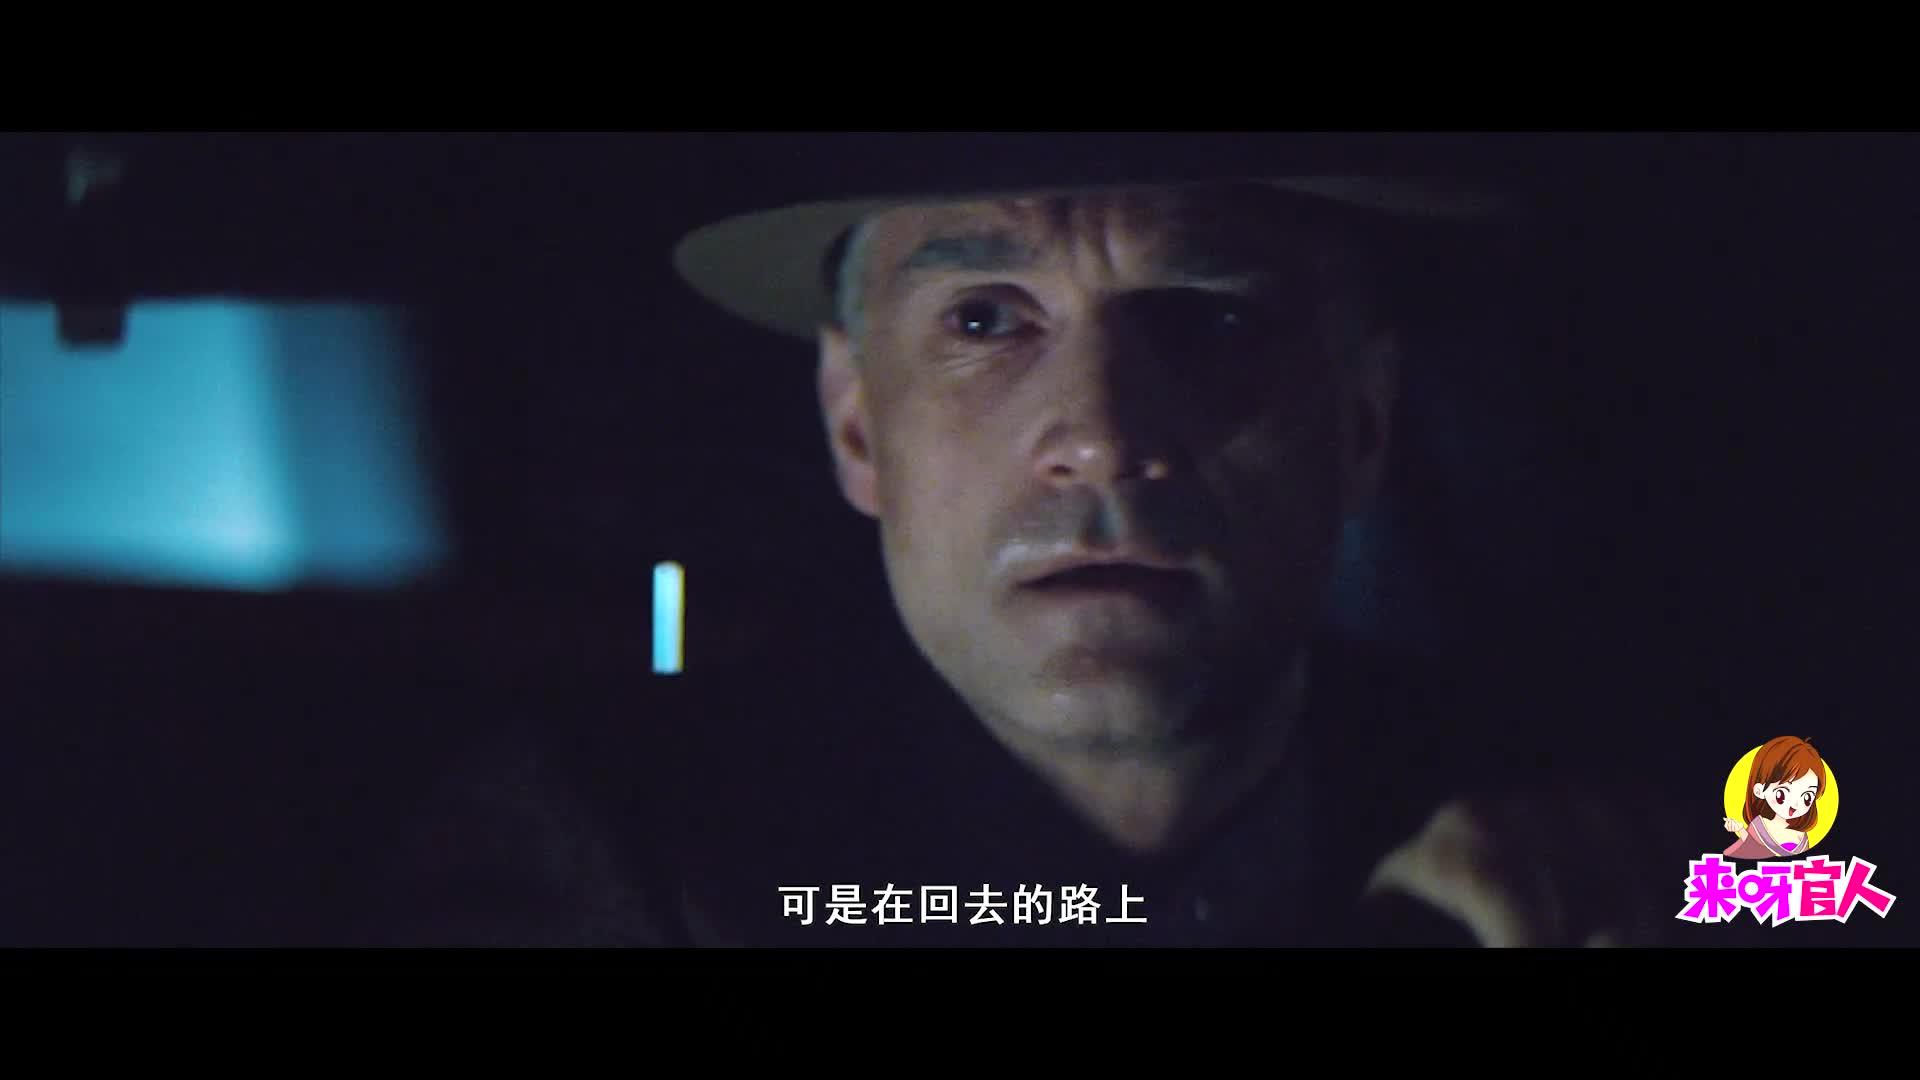 #追剧不能停#《太平间闹鬼事件》:根据真实事件改编的恐怖电影!__13